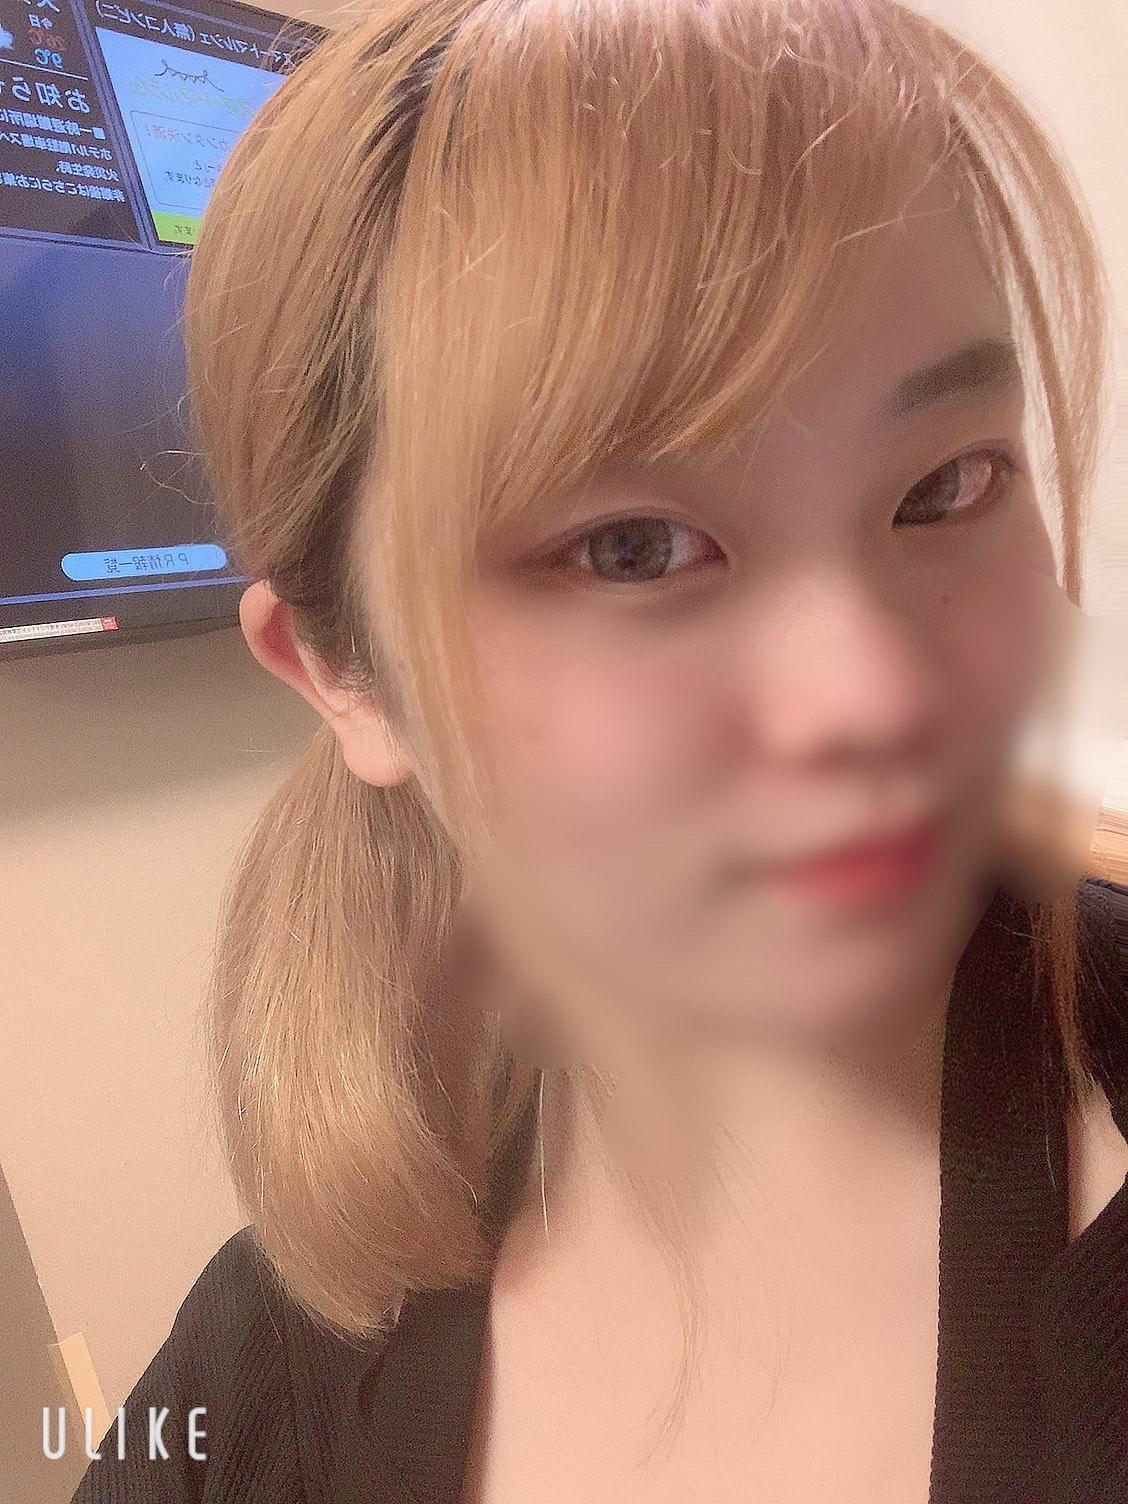 「プラスワンのお兄さん」05/15日(土) 01:12   サクの写メ・風俗動画